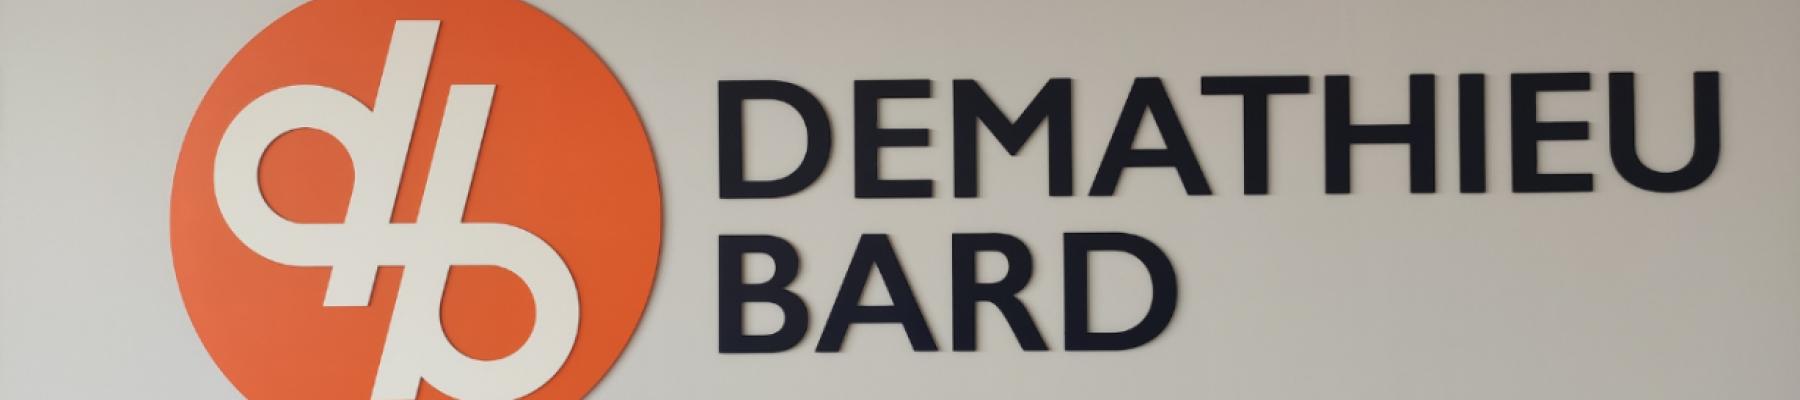 DEMATHIEU-BARD Construction renforce son partenariat avec l'ESITC Paris!